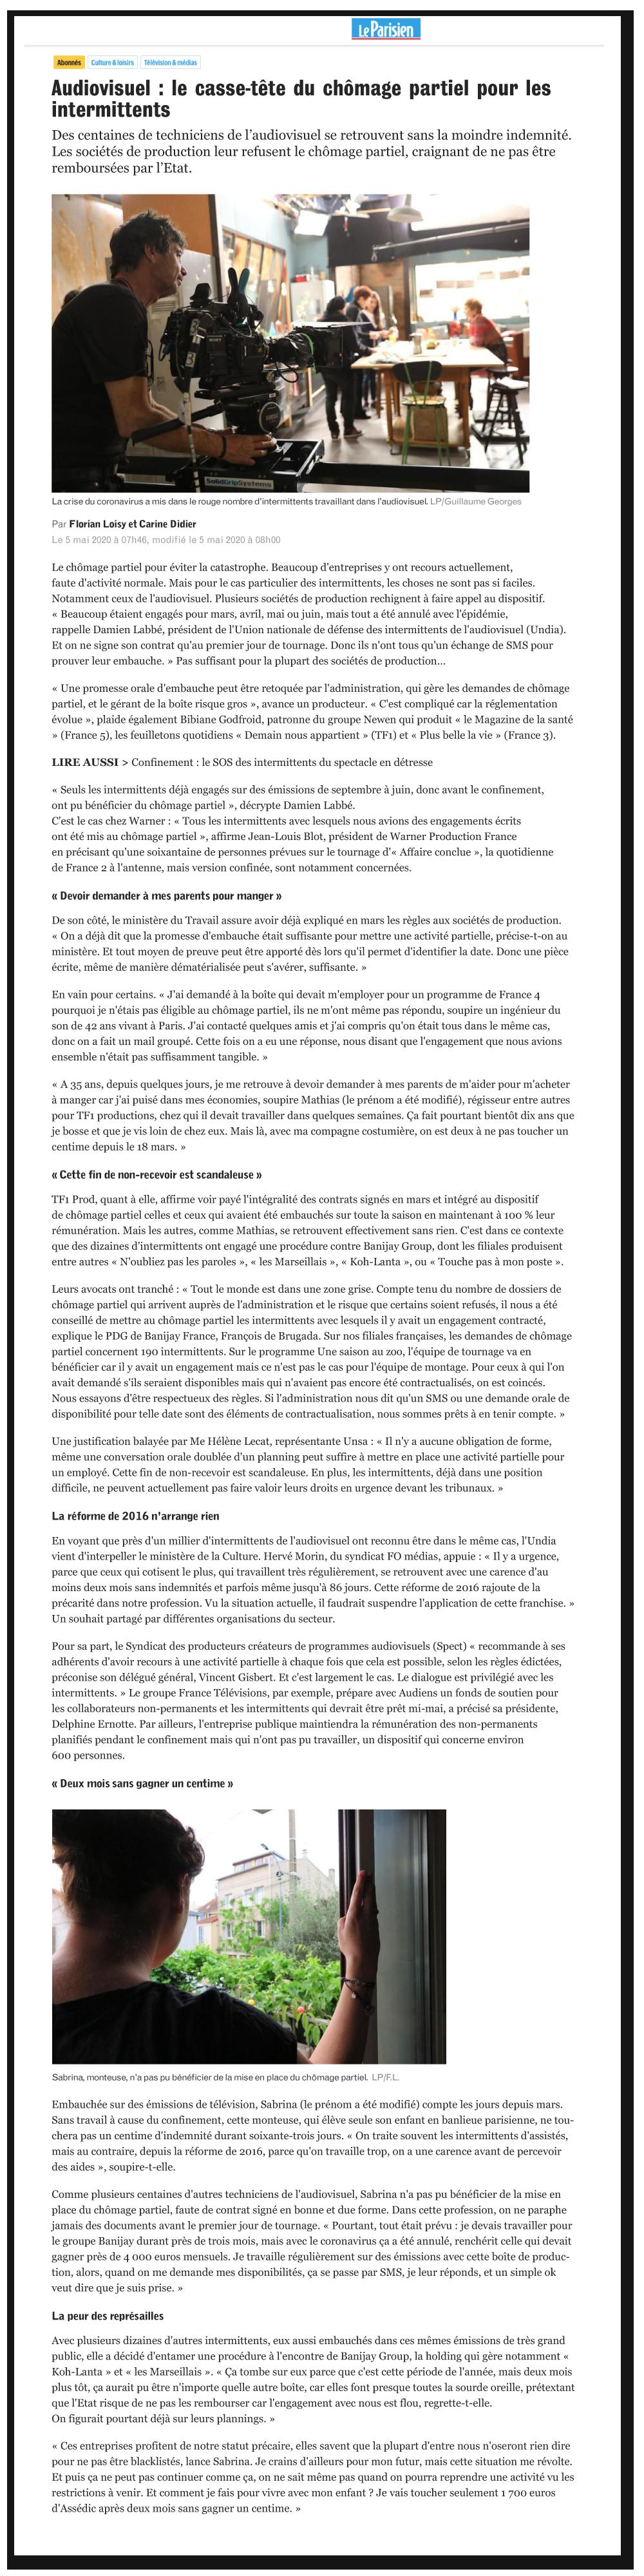 Le Parisien : Audiovisuel : le casse-tête du chômage partiel pour les intermittents